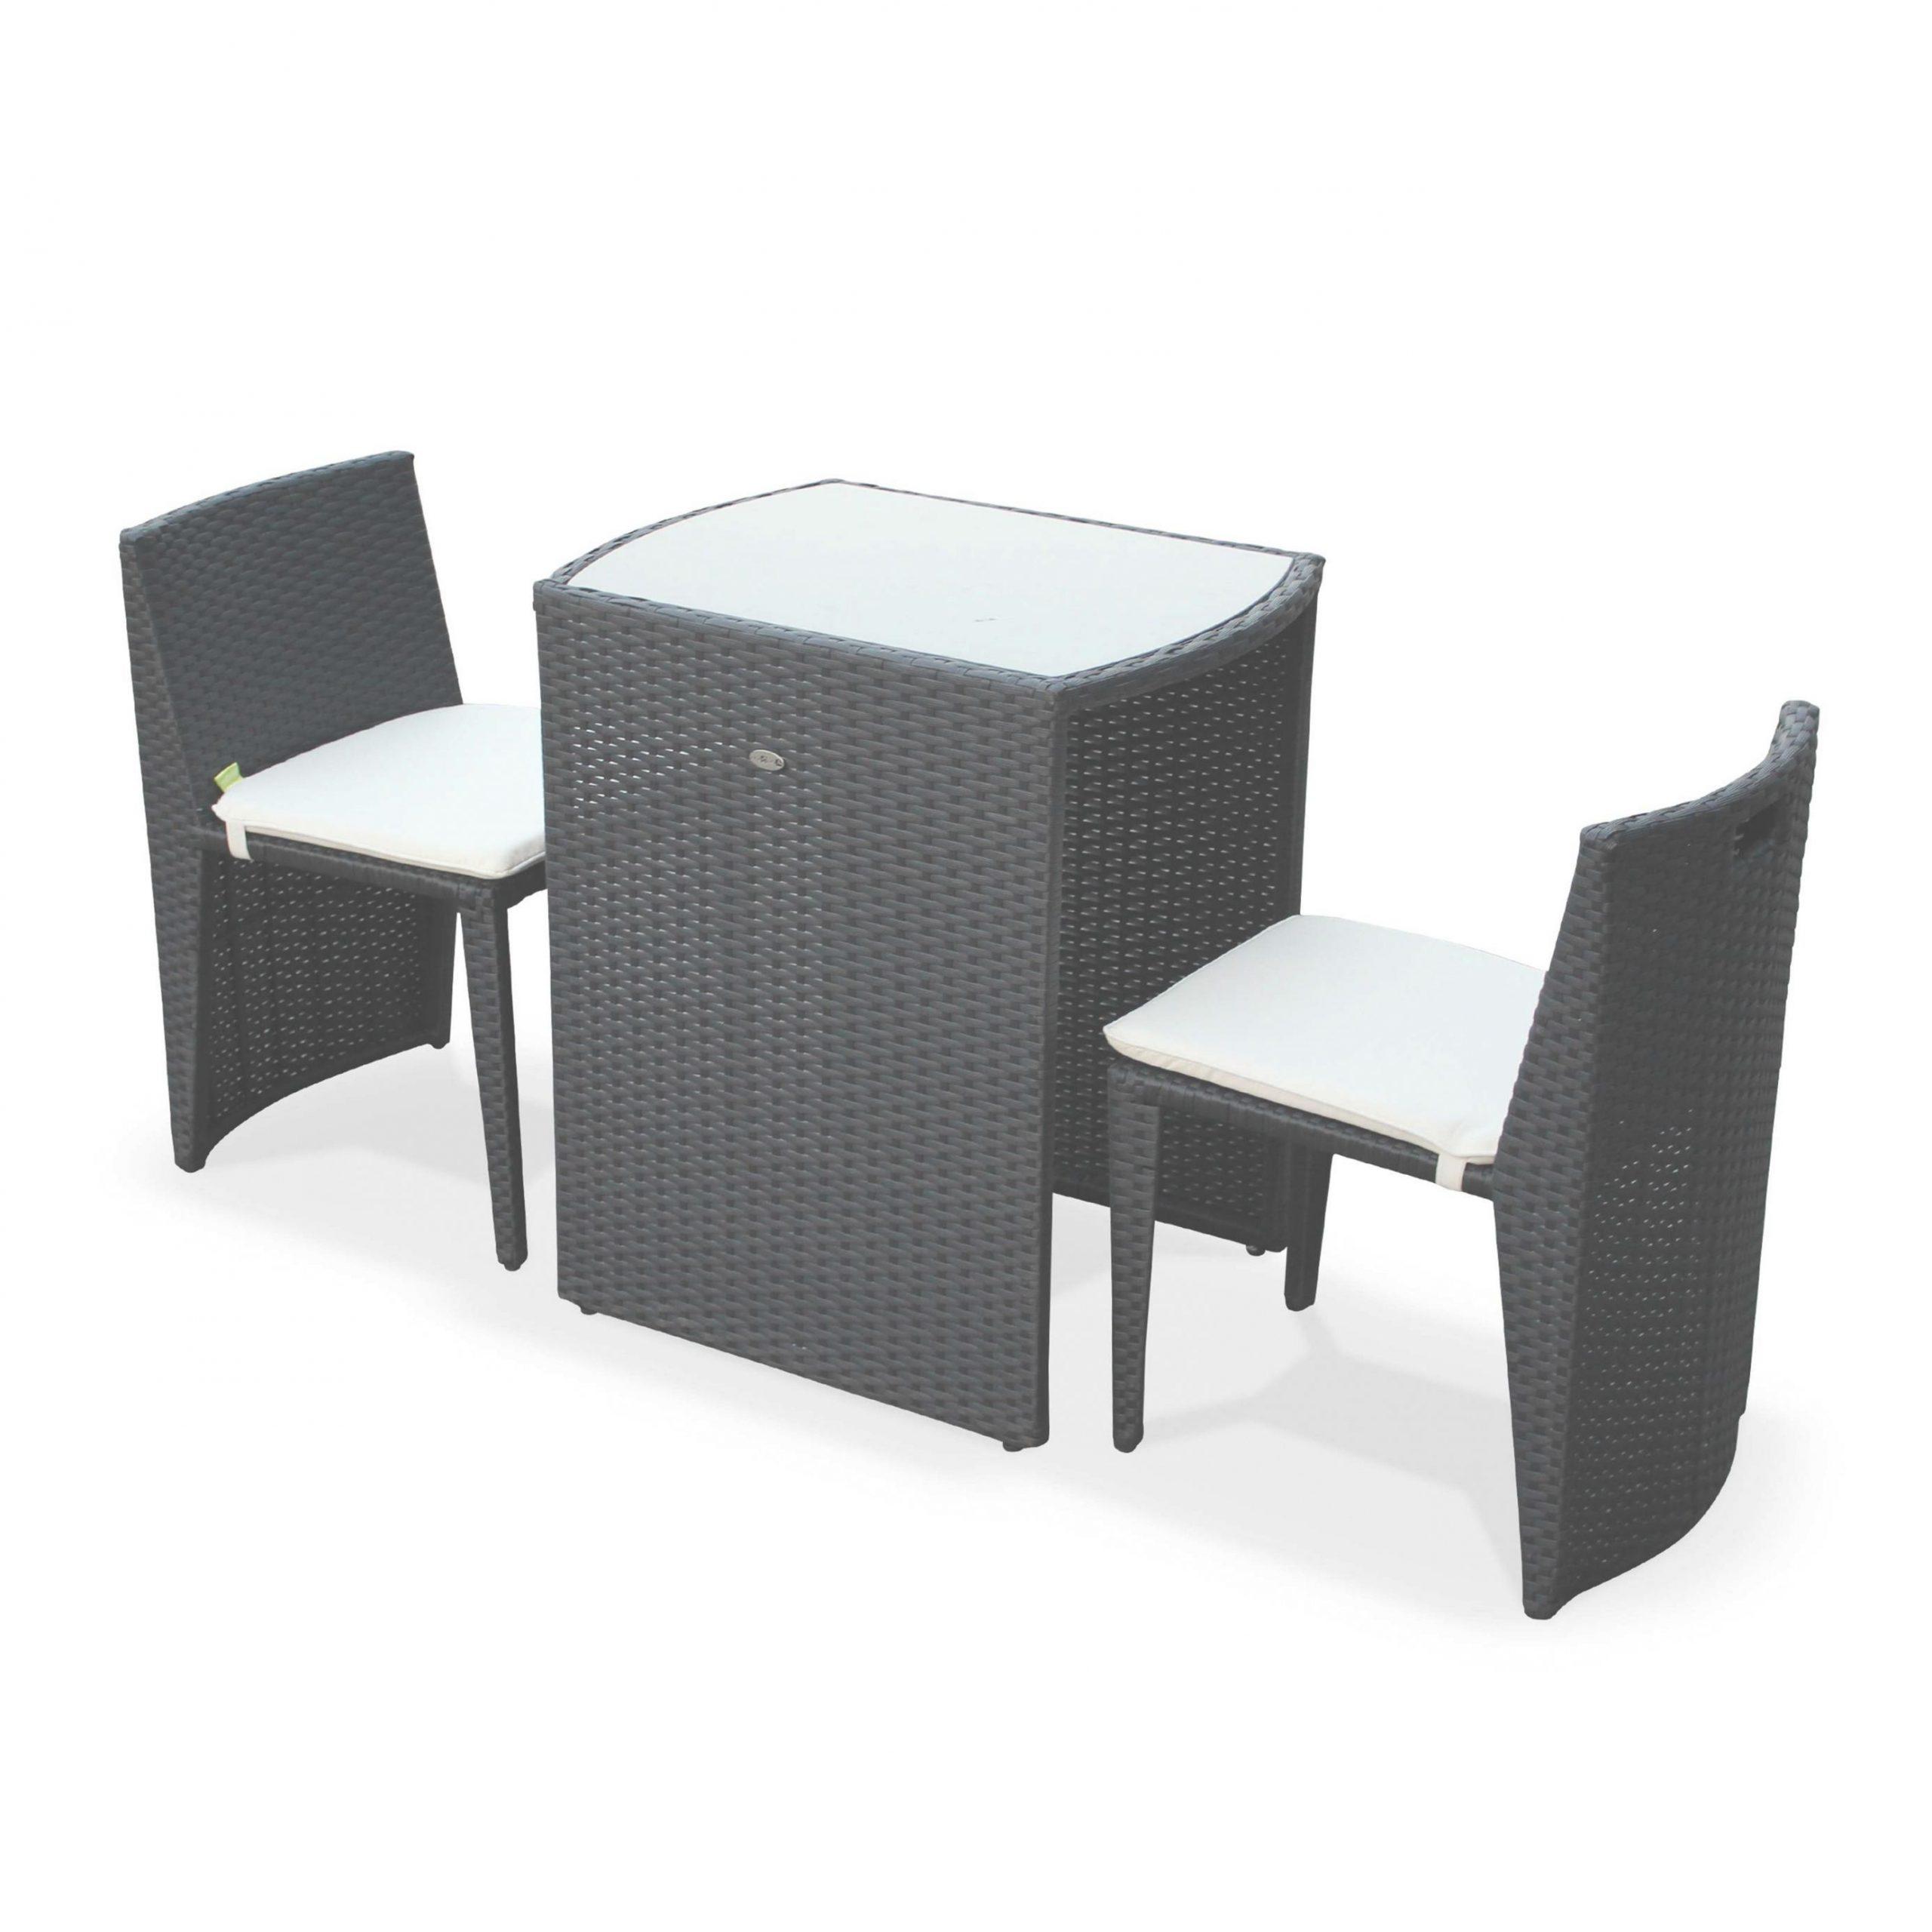 À Nouveau Table Salon Frais De Couette Ikea Blanc Lit Casa ... tout Salon De Jardin Enfants